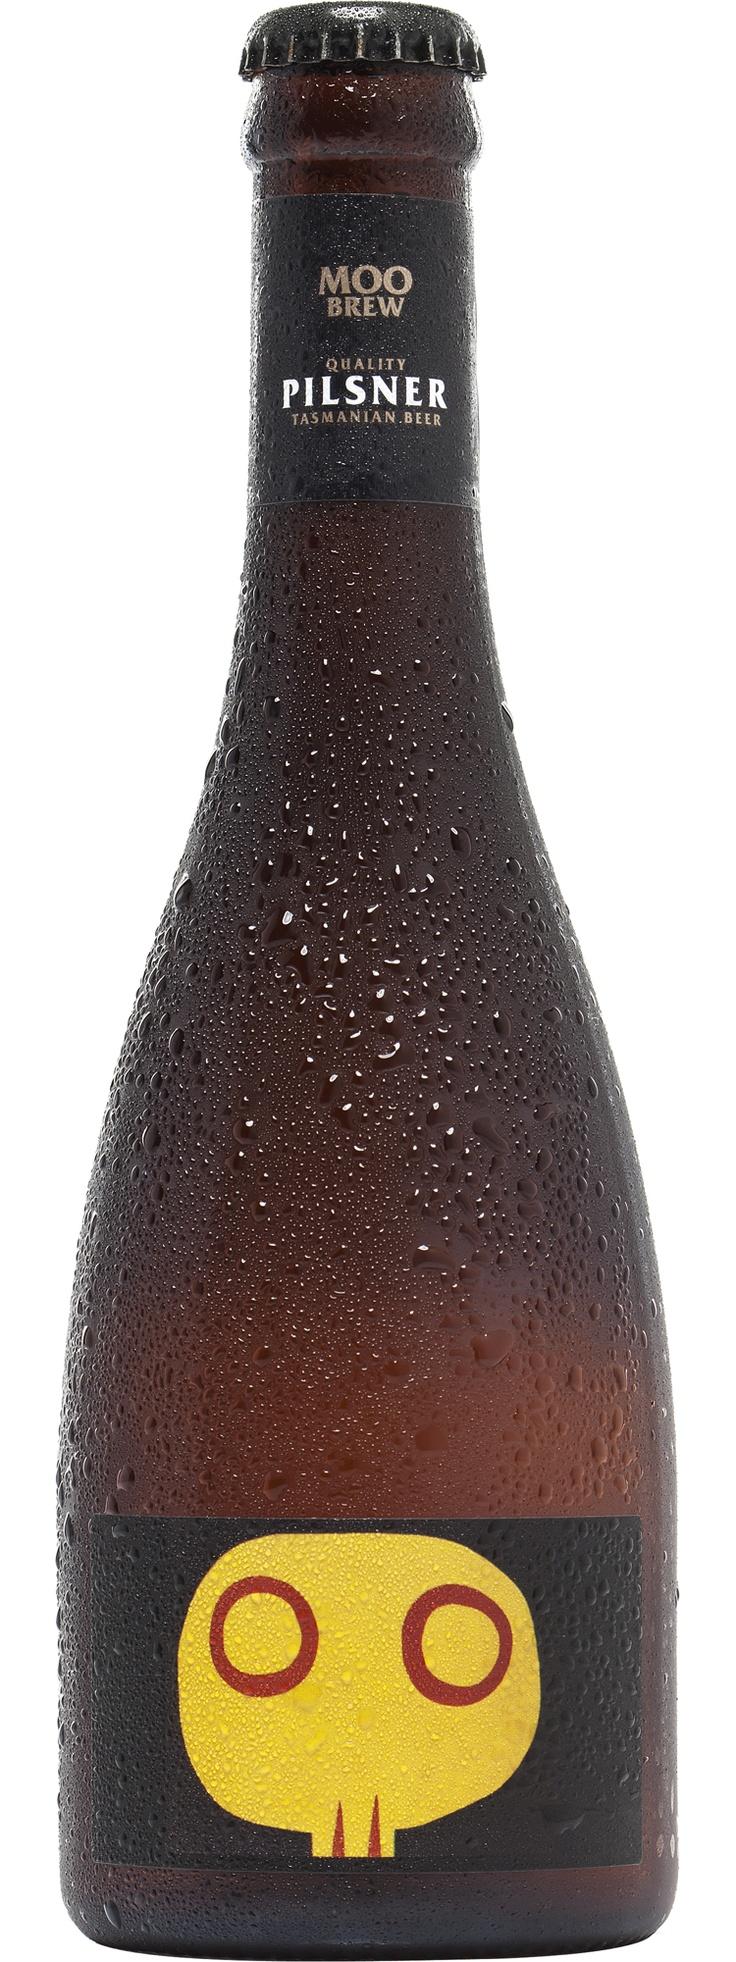 Dating australian beer bottles